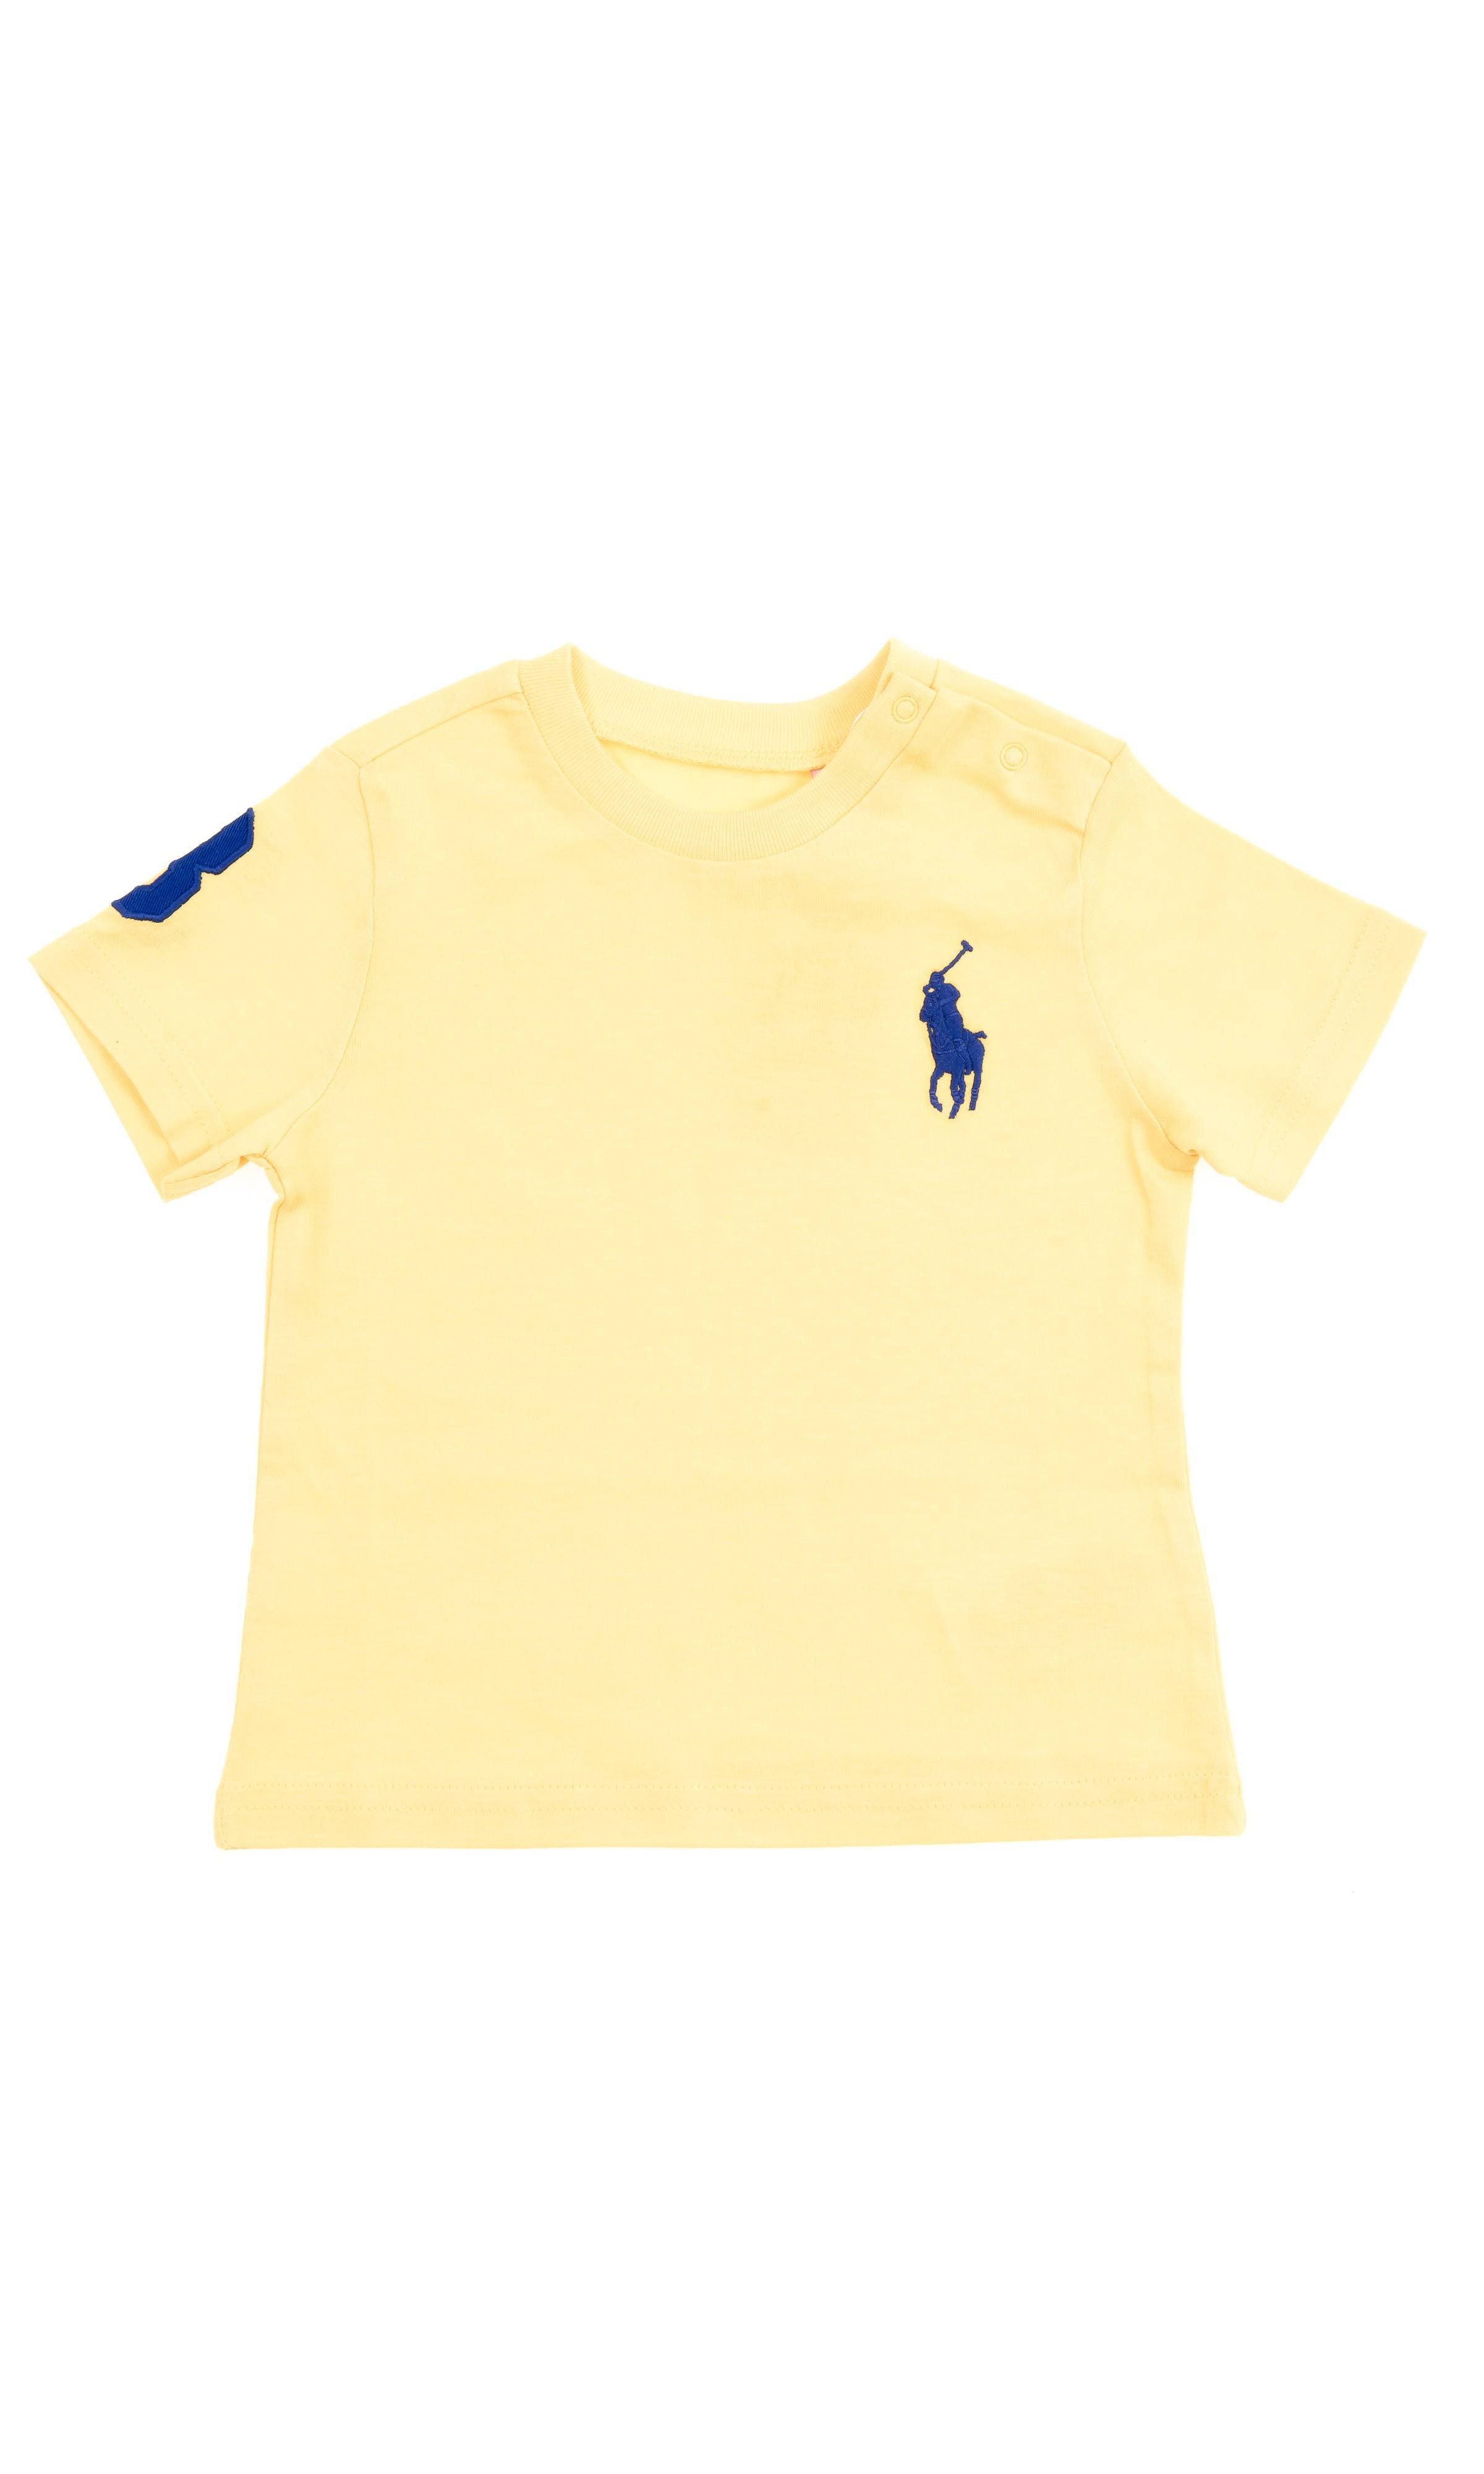 Żółty t-shirt niemowlęcy na krótki rękaw z dużym konikiem 08cd002b90f